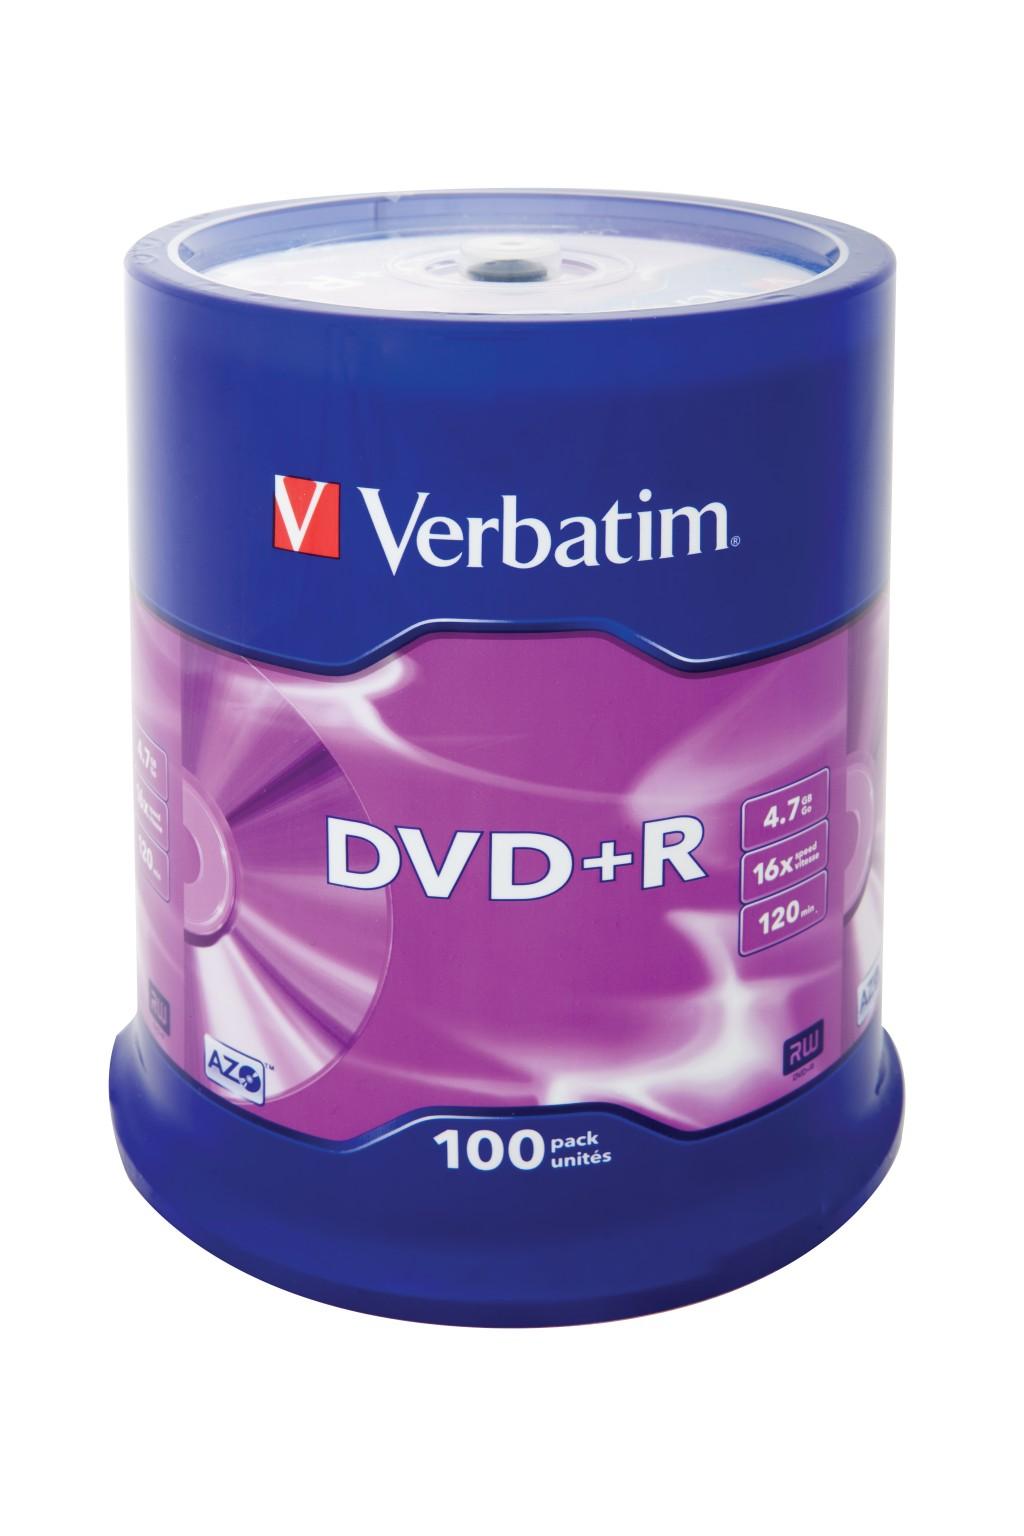 VERBATIM DVD+R 120 min. / 4.7GB 16x 100-